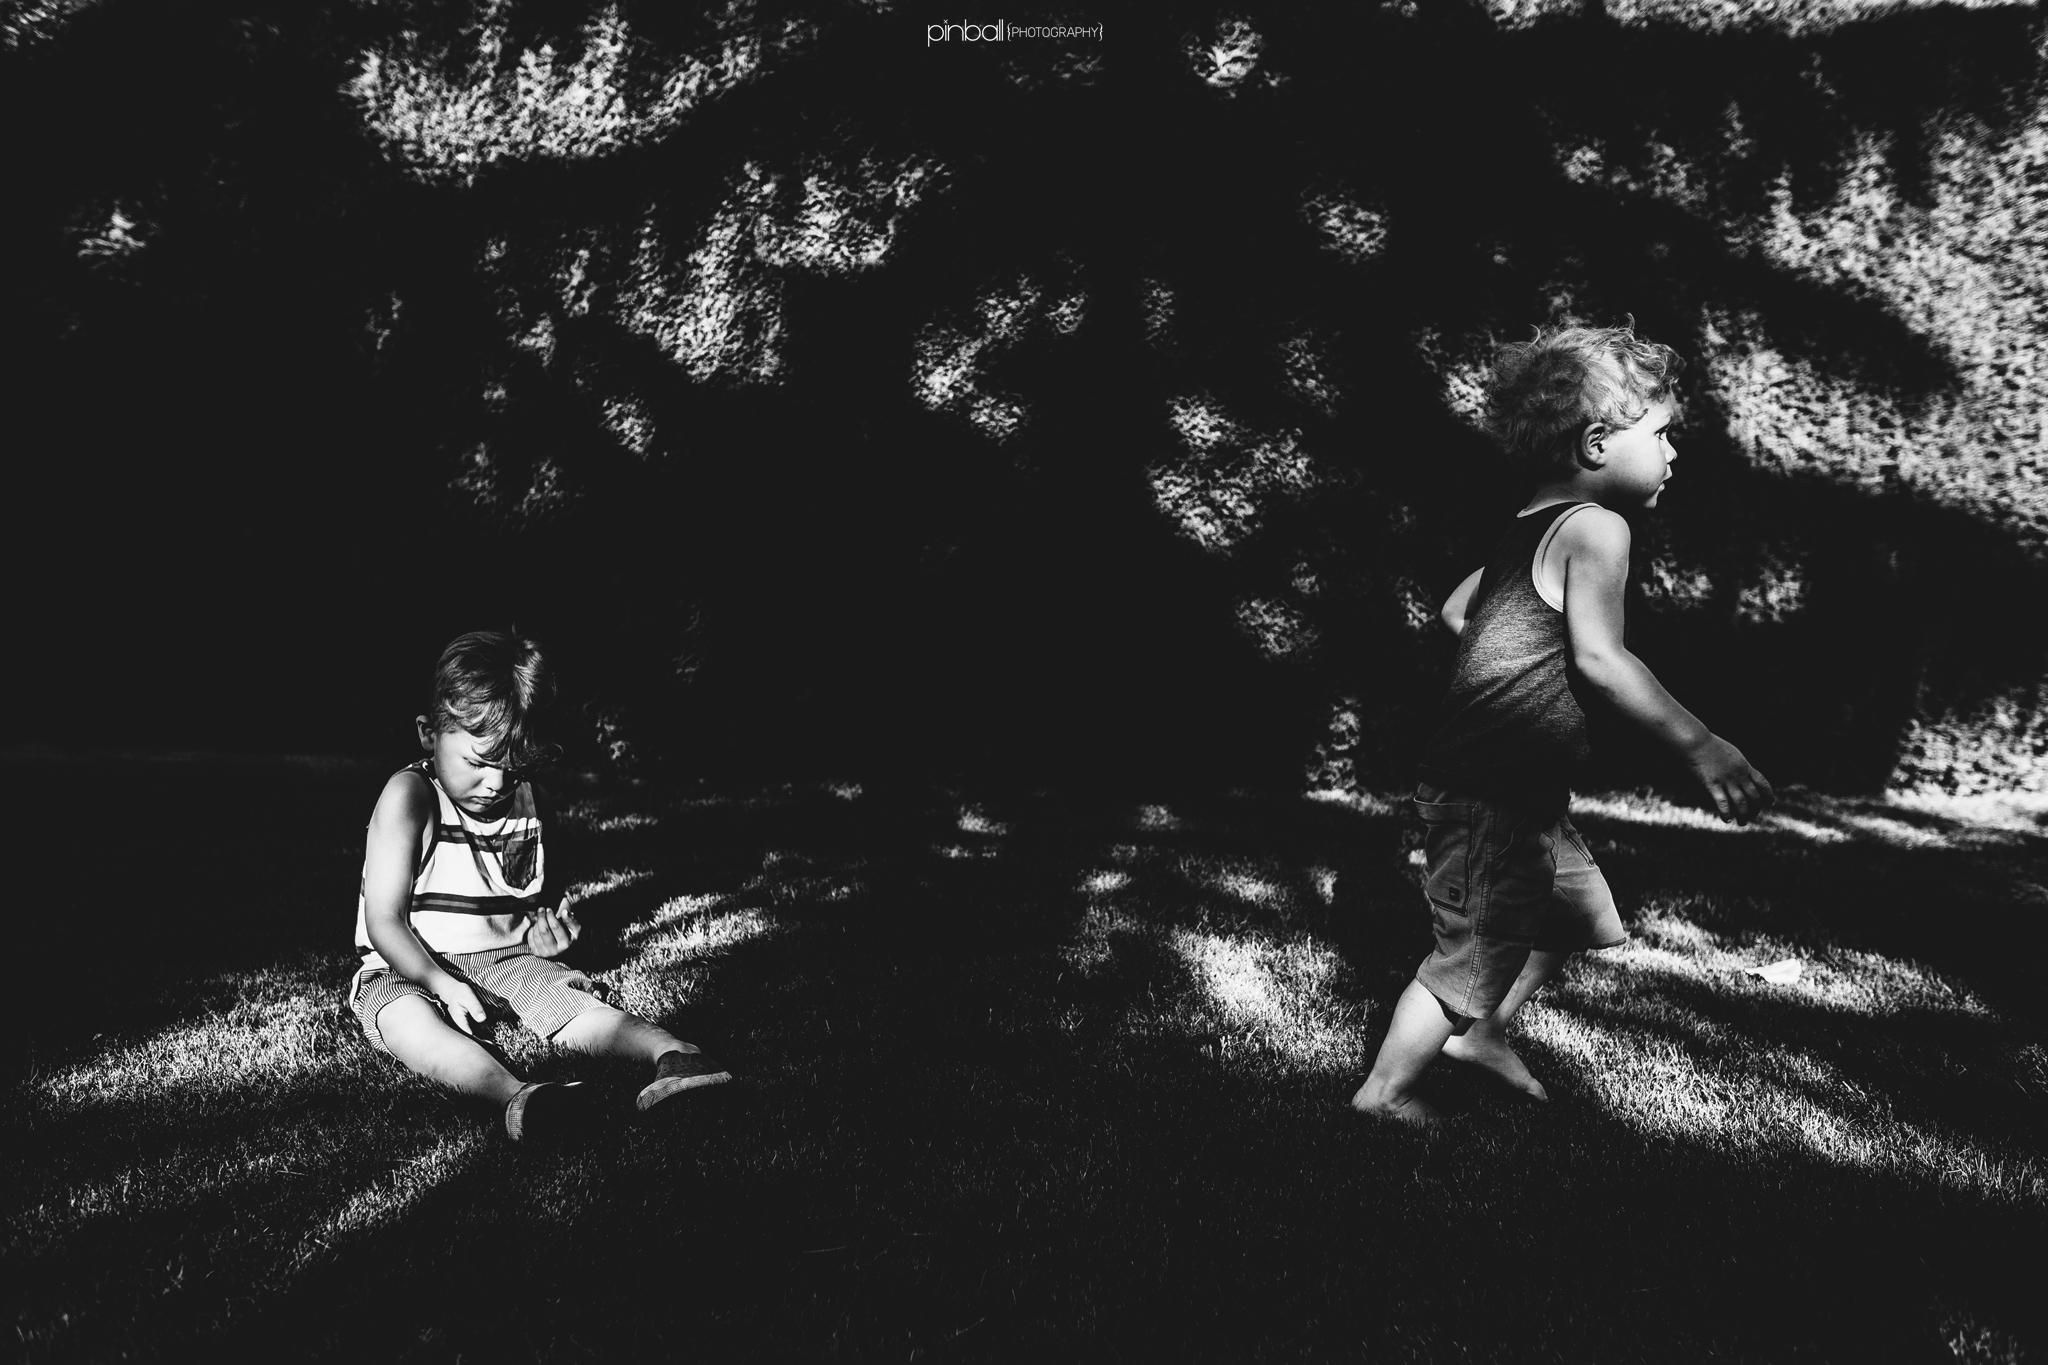 The boys in the light-1.jpg